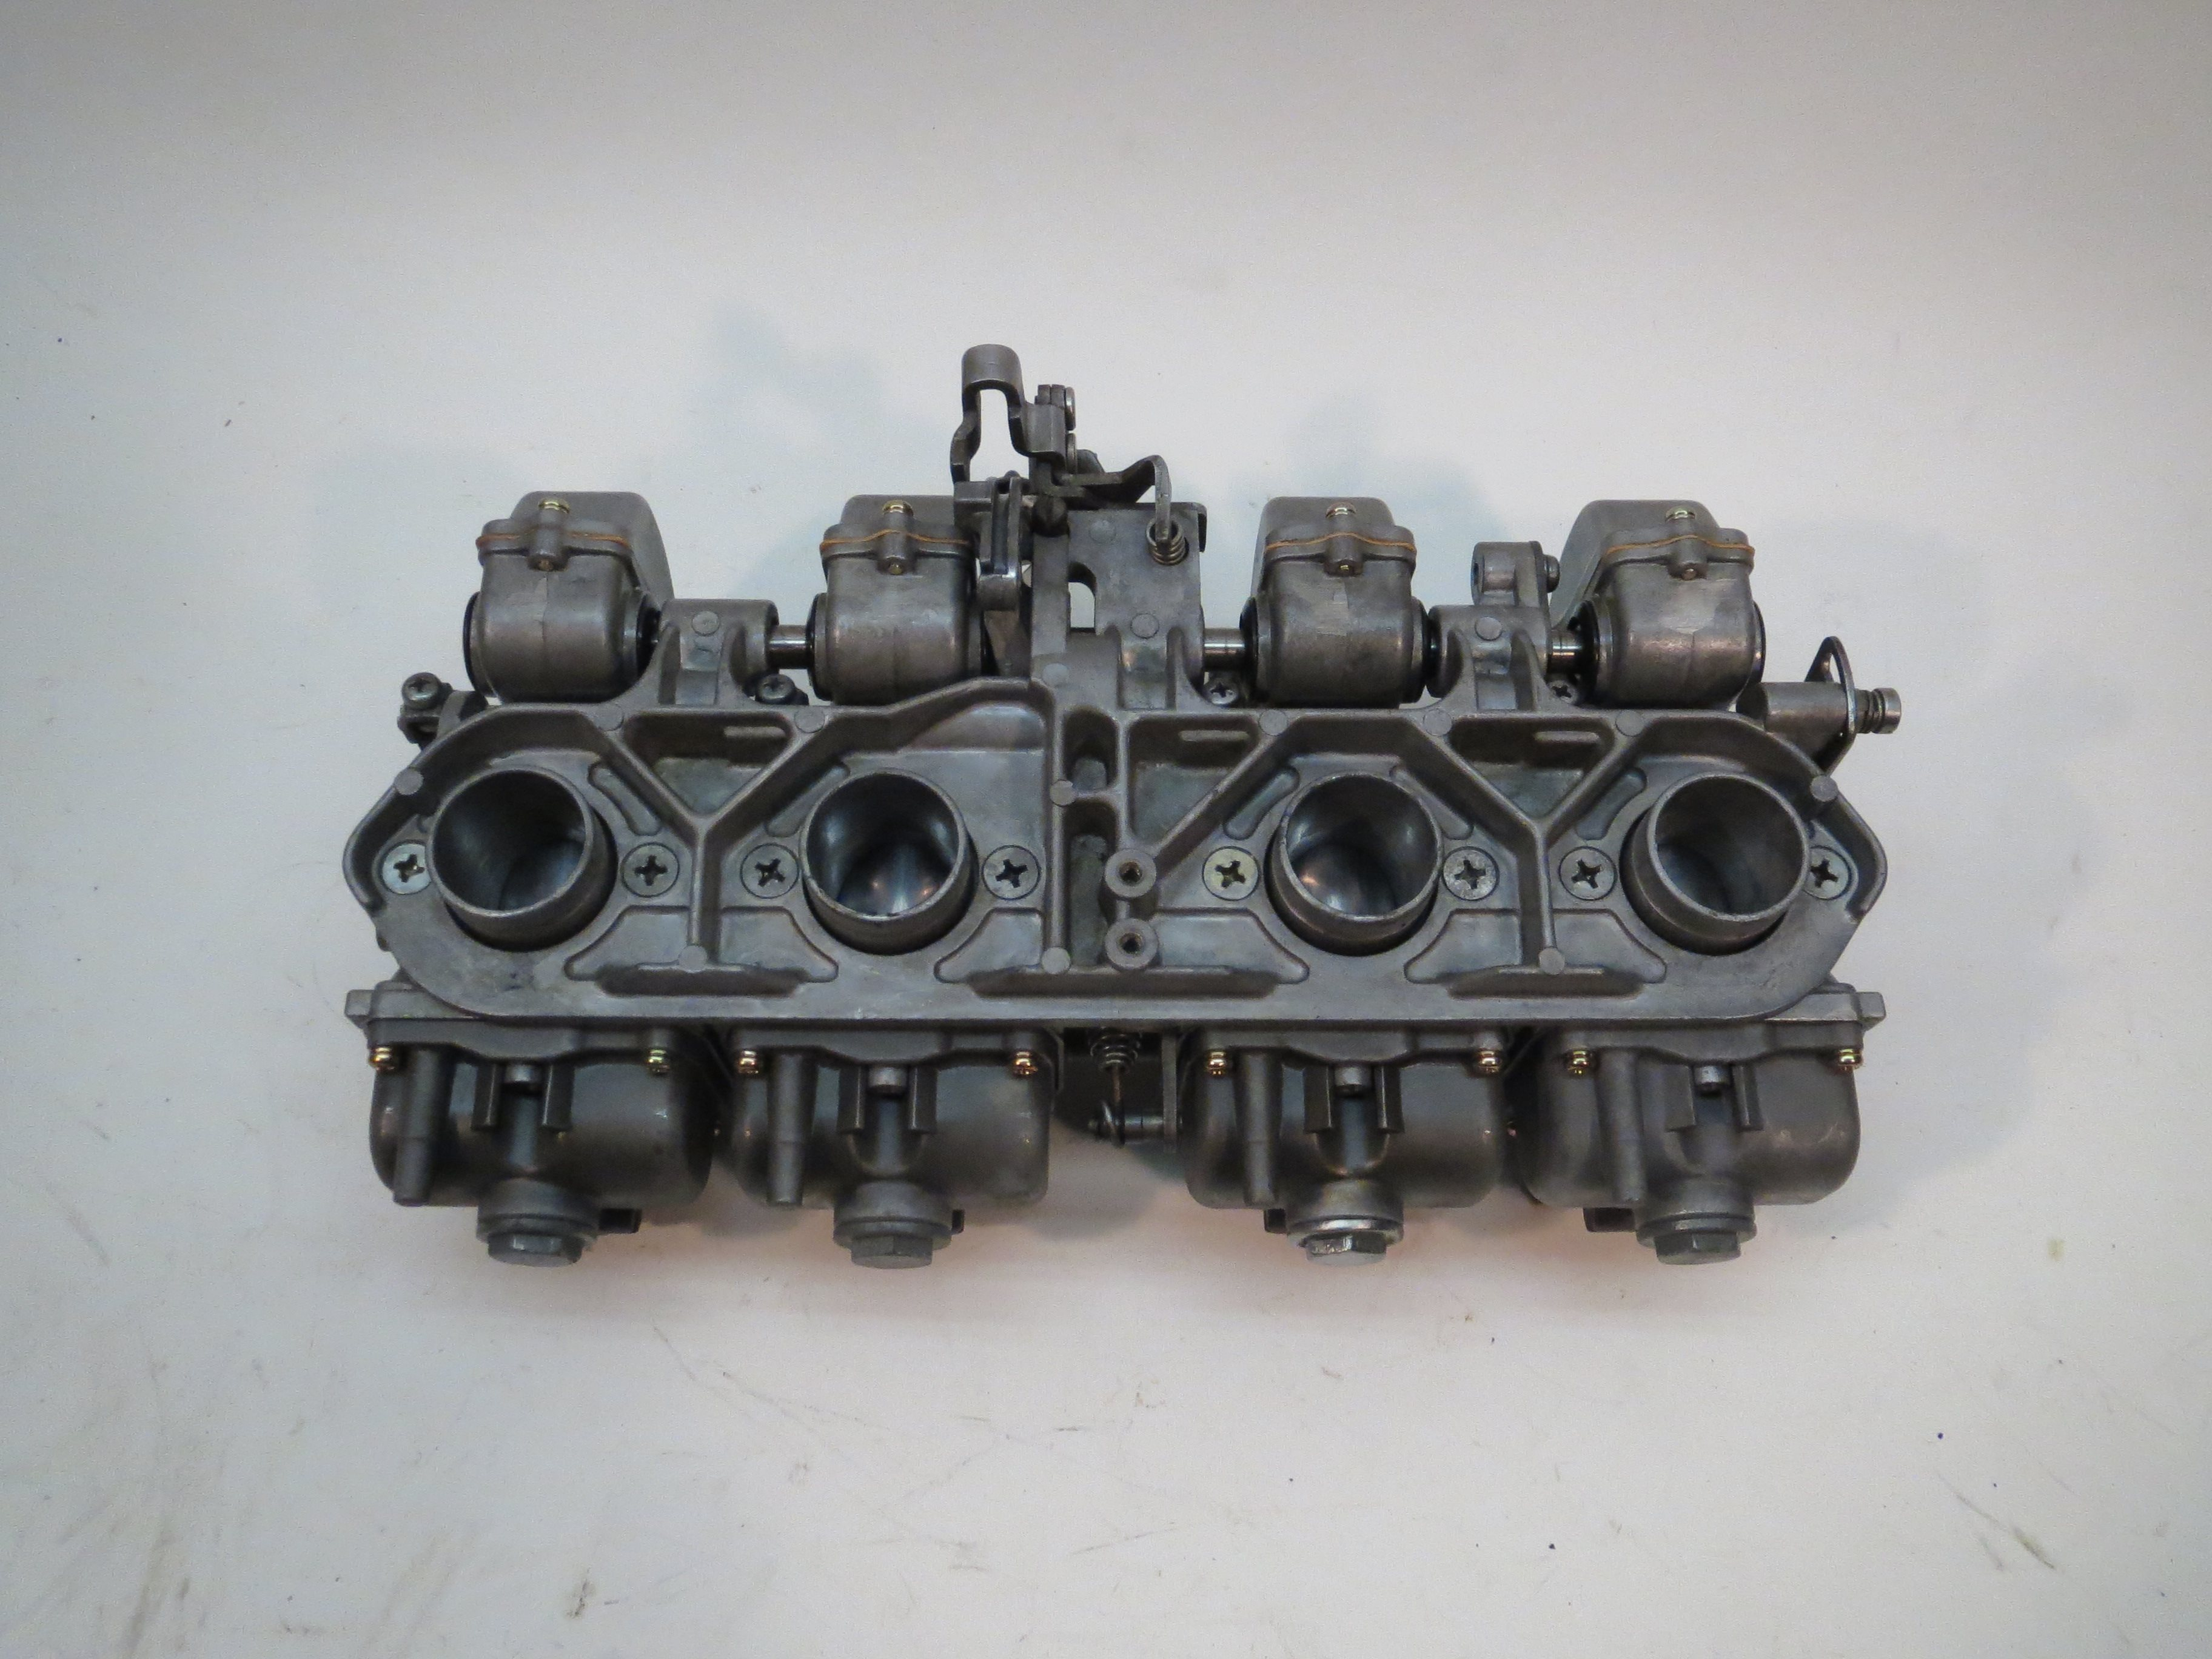 Mikuni 29mm Smoothbore Z1 KZ900 race carbs carburetors REBUILT